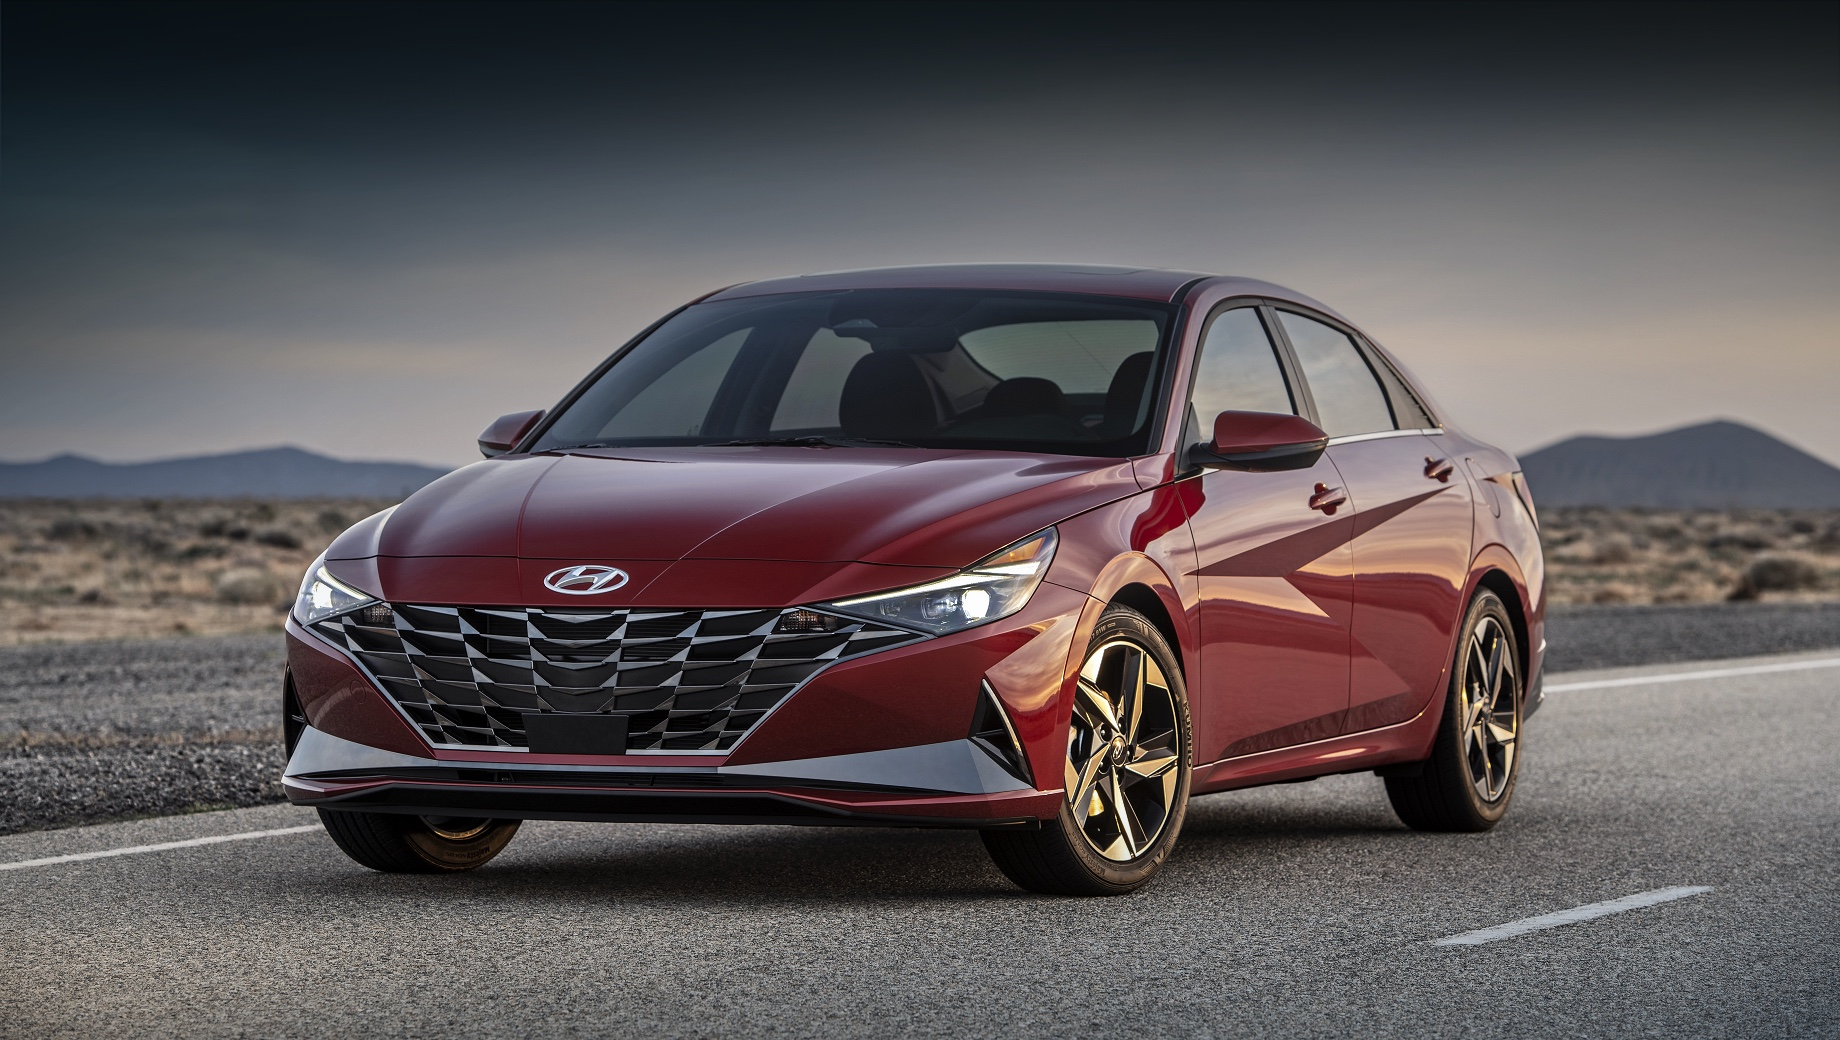 Hyundai Elantra стала «Автомобилем года» в Северной Америке